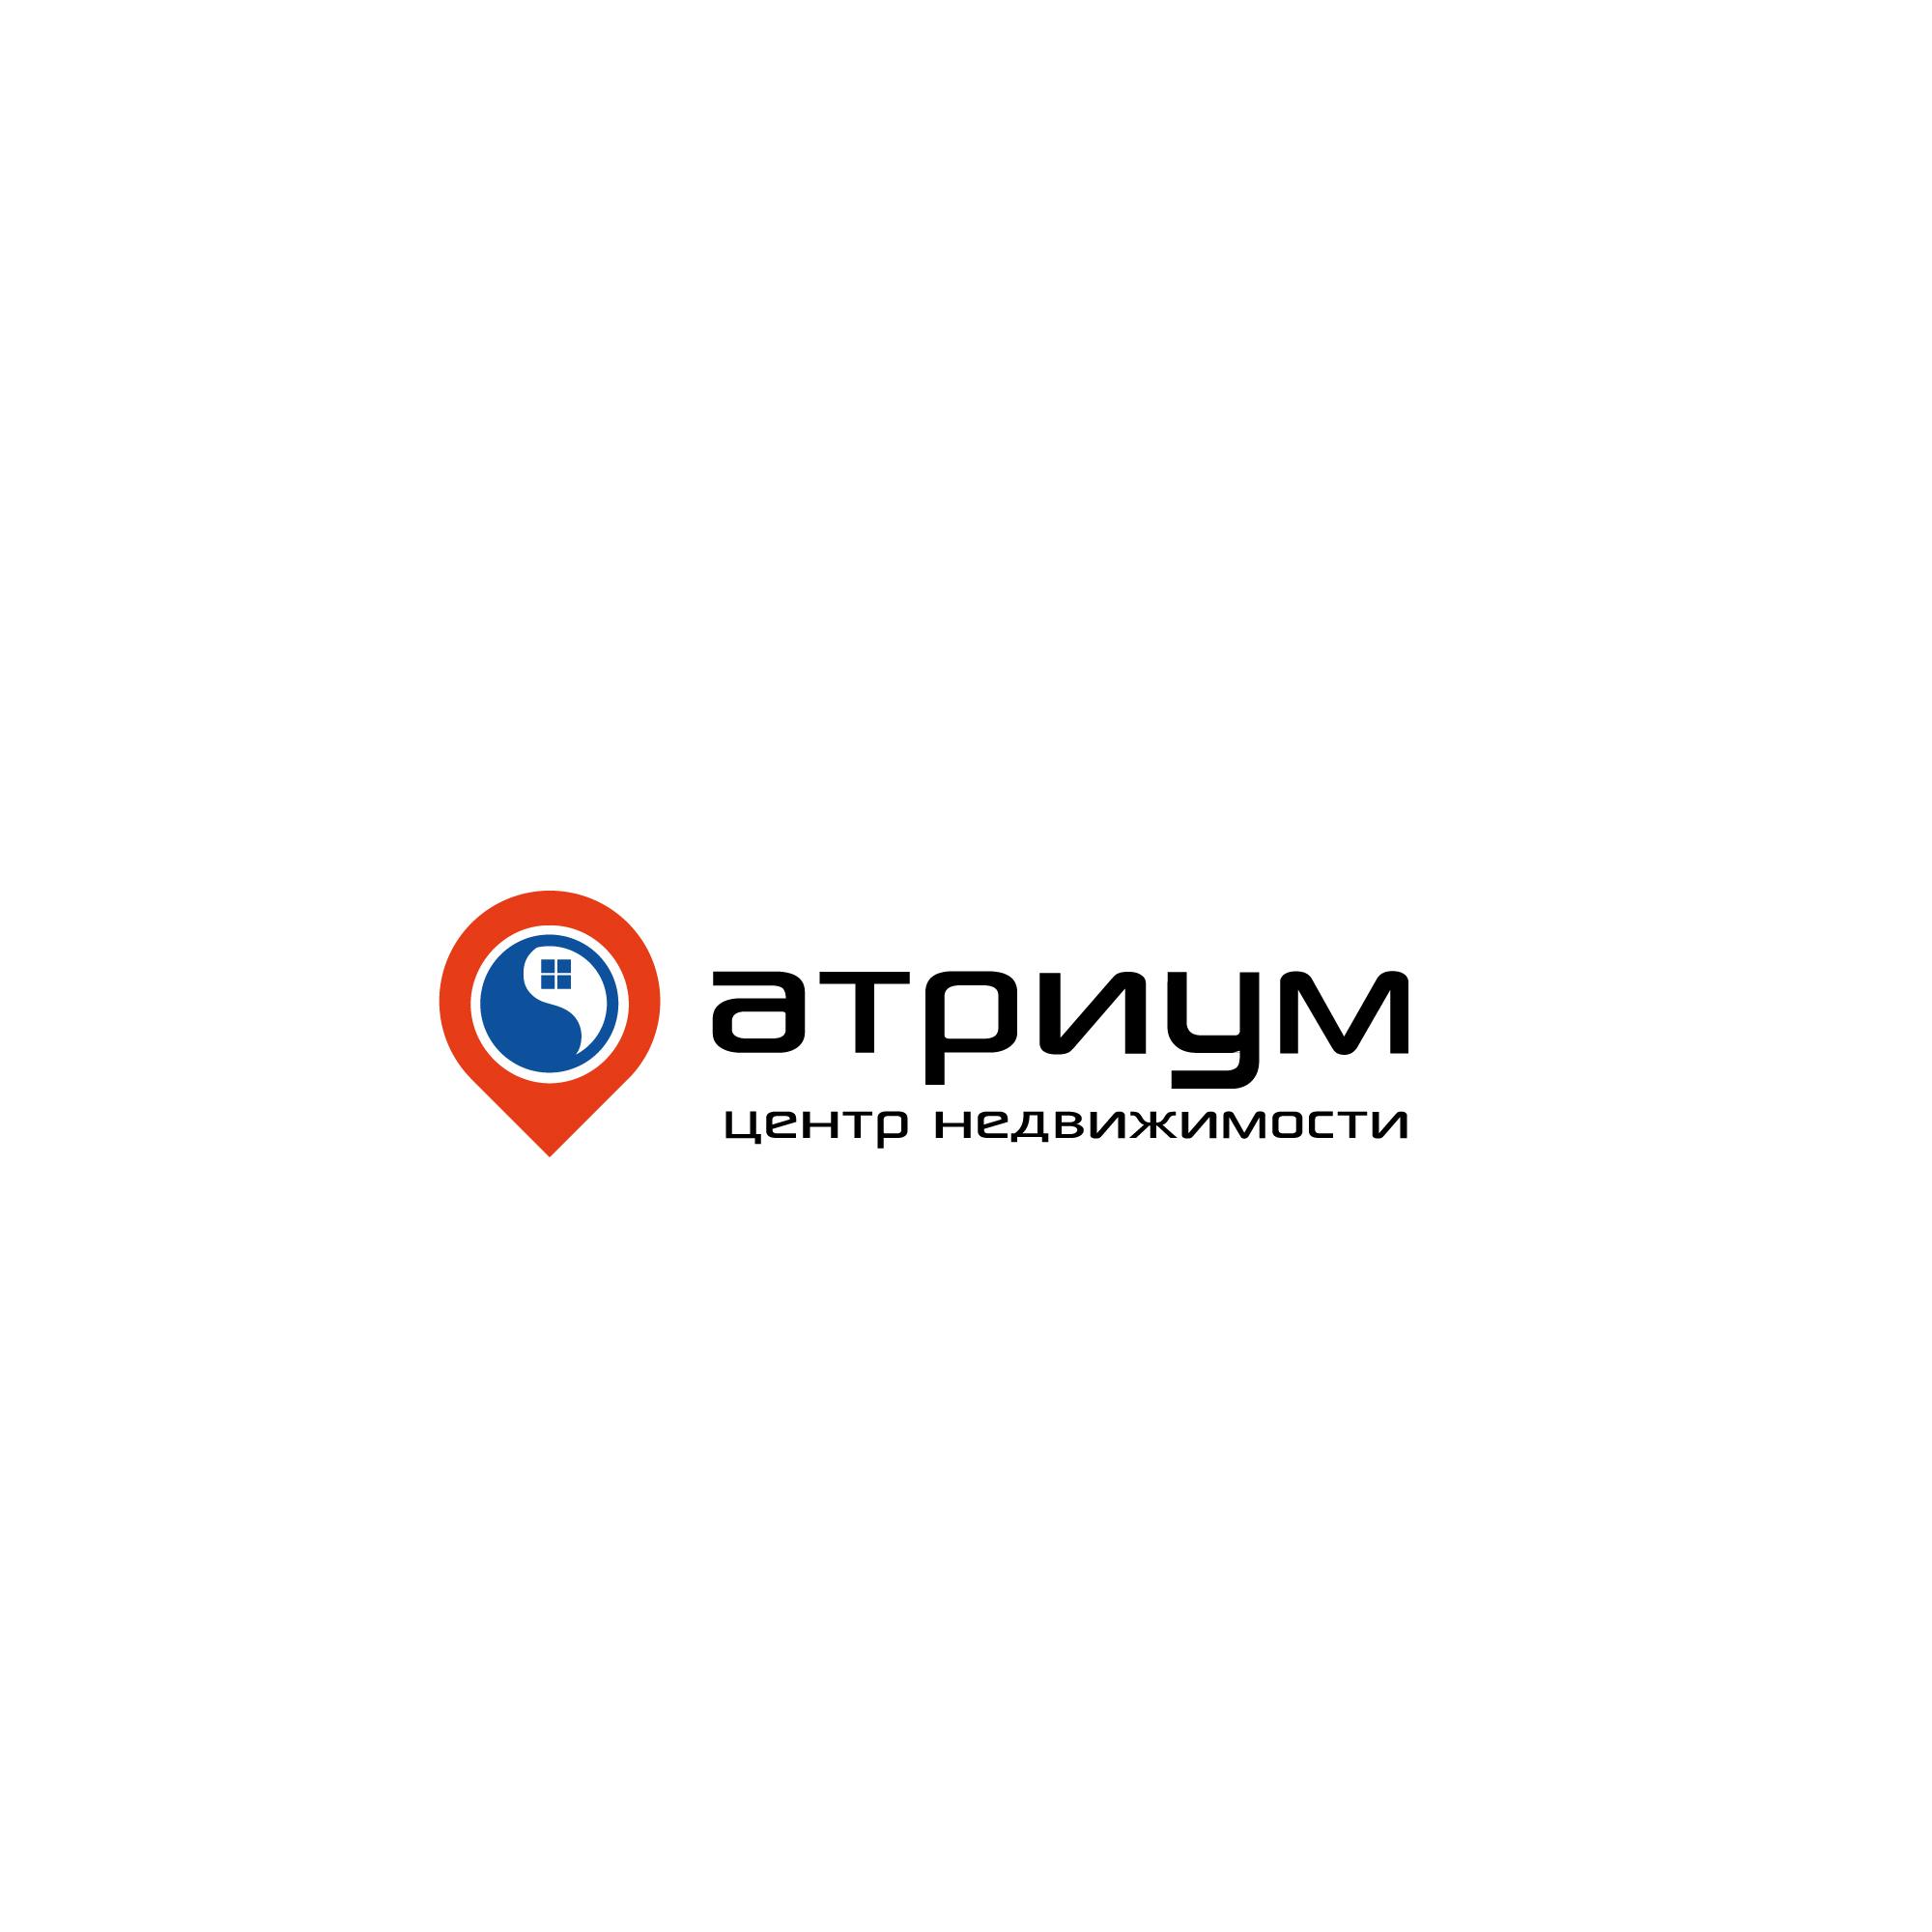 Редизайн / модернизация логотипа Центра недвижимости фото f_0165bcd8e14eaa4c.jpg